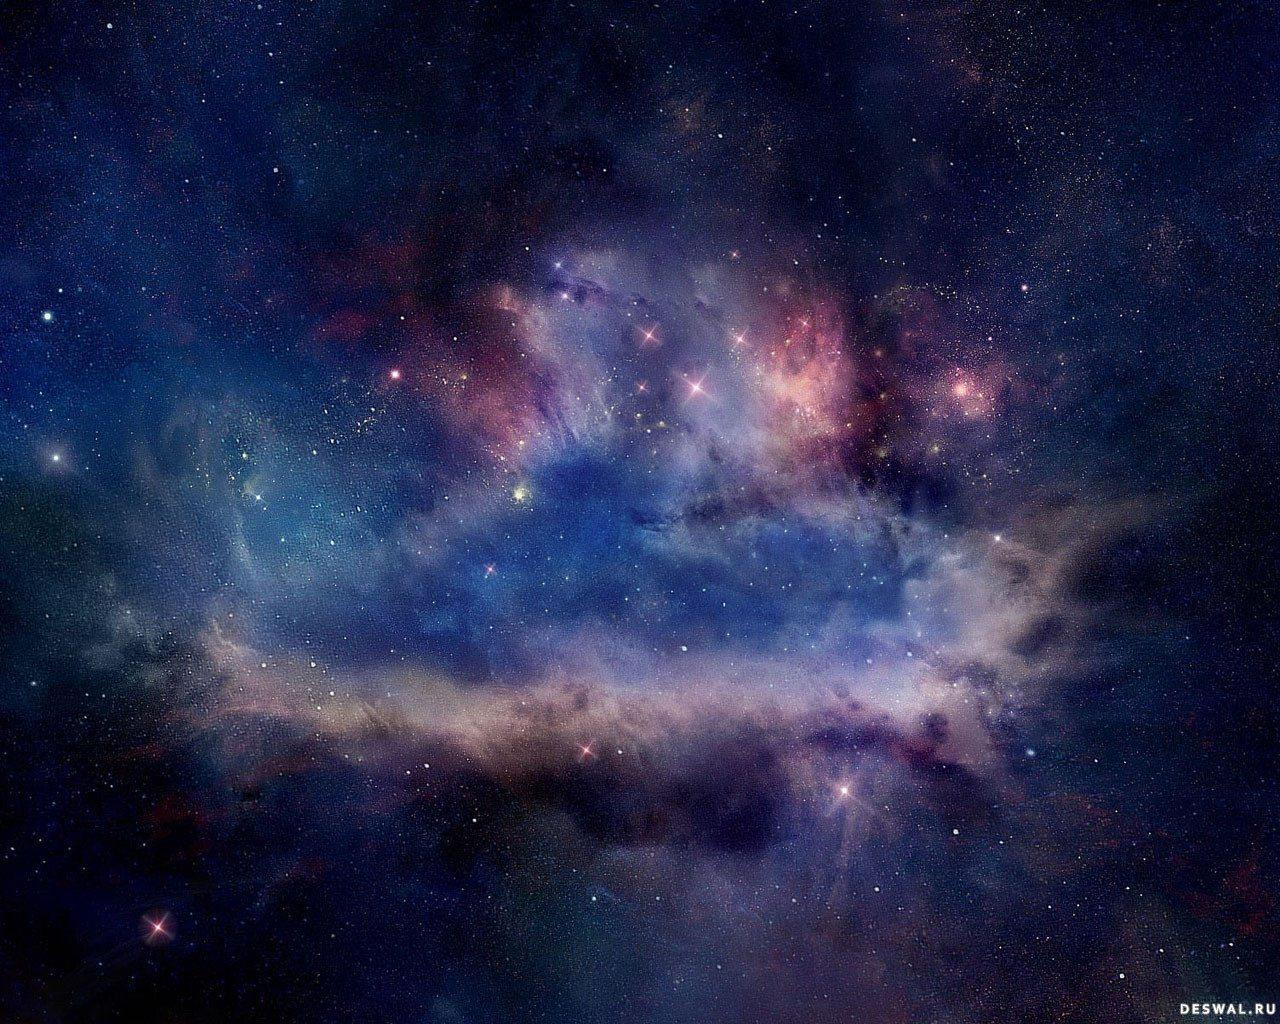 Фото 284.. Нажмите на картинку с обоями космоса, чтобы просмотреть ее в реальном размере